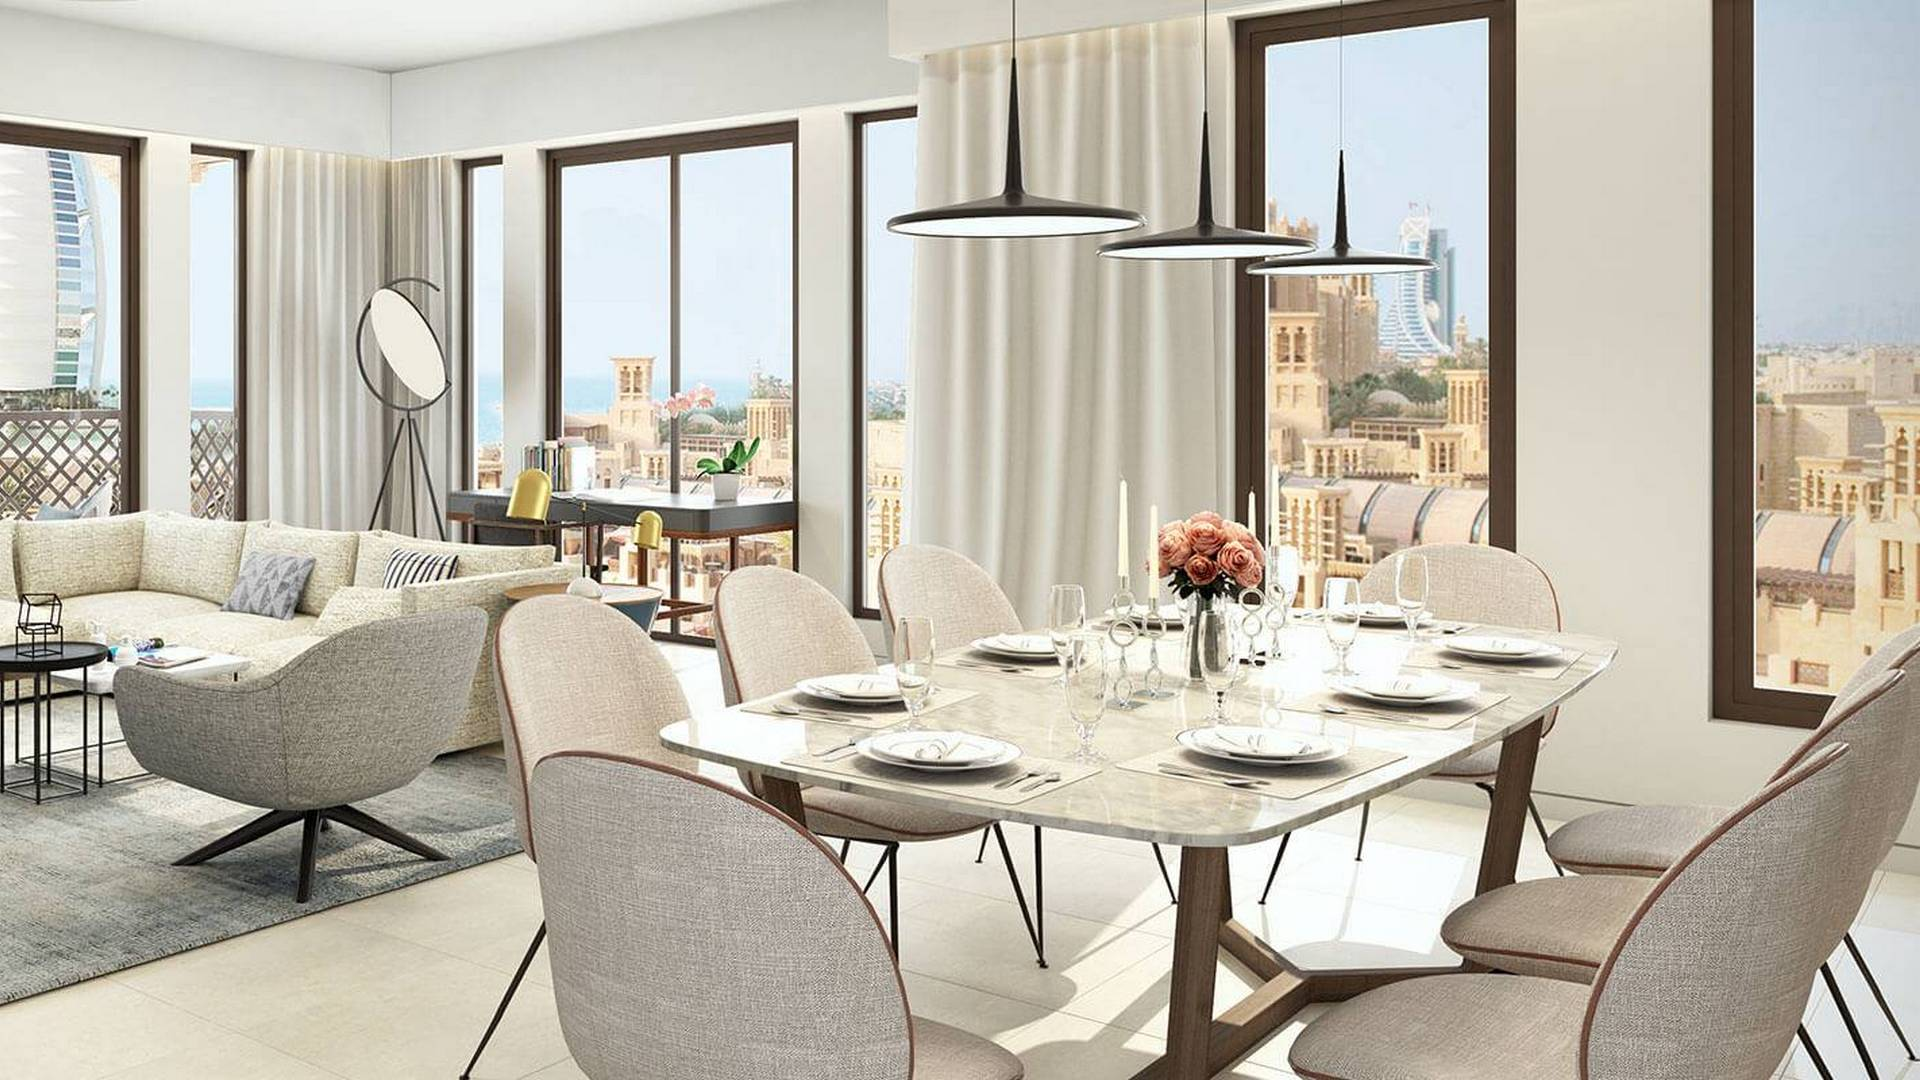 Apartment for sale in Dubai, UAE, 4 bedrooms, 279 m2, No. 23897 – photo 1